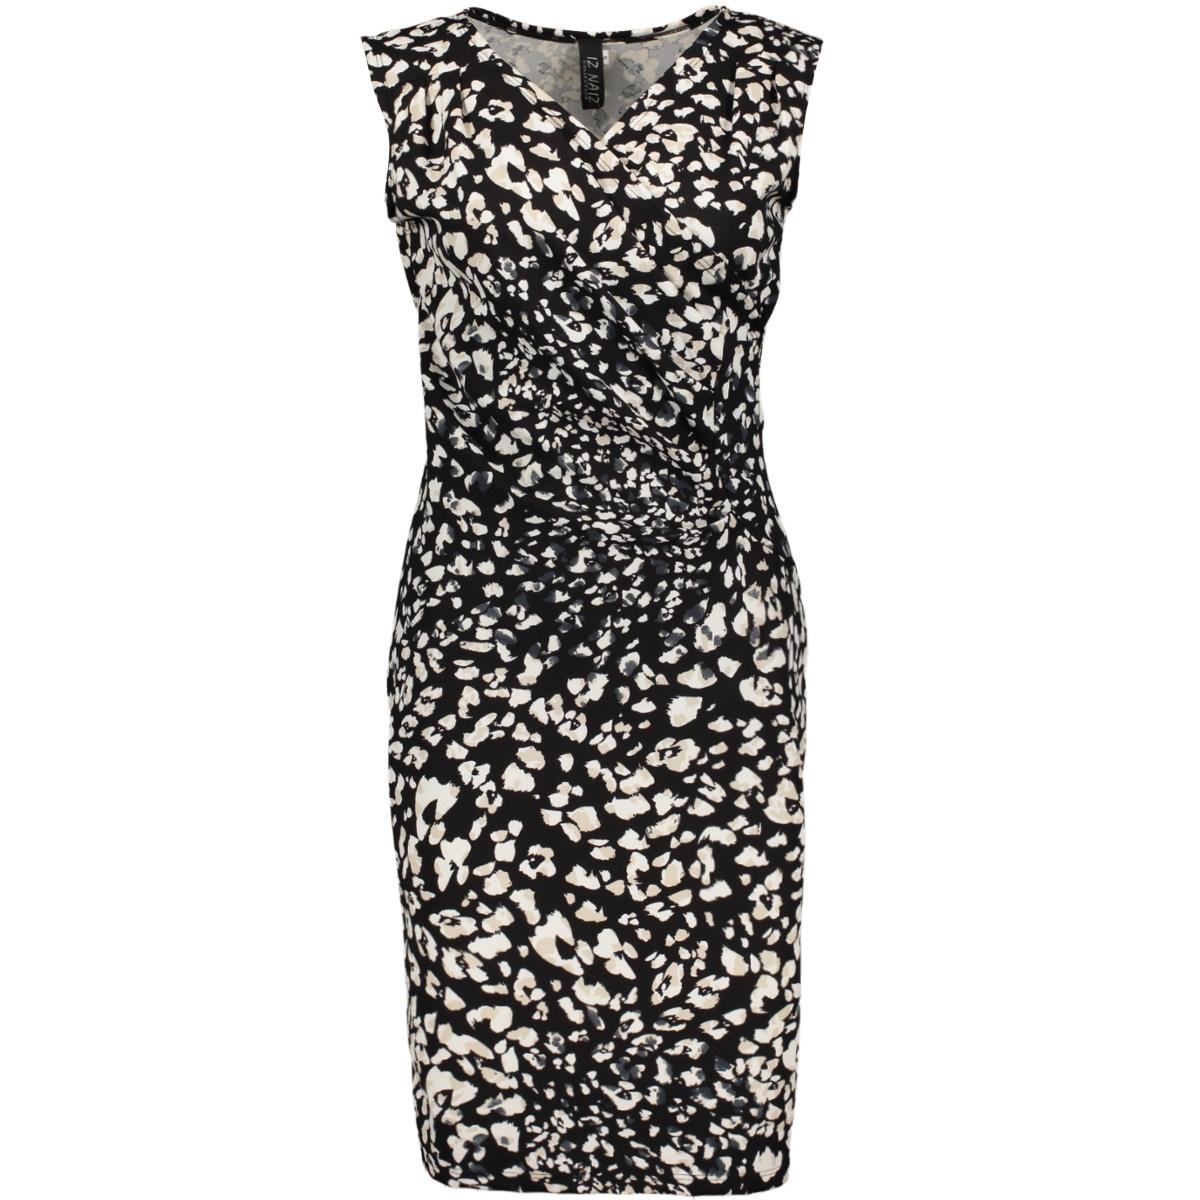 3392 s/l dress iz naiz jurk flower